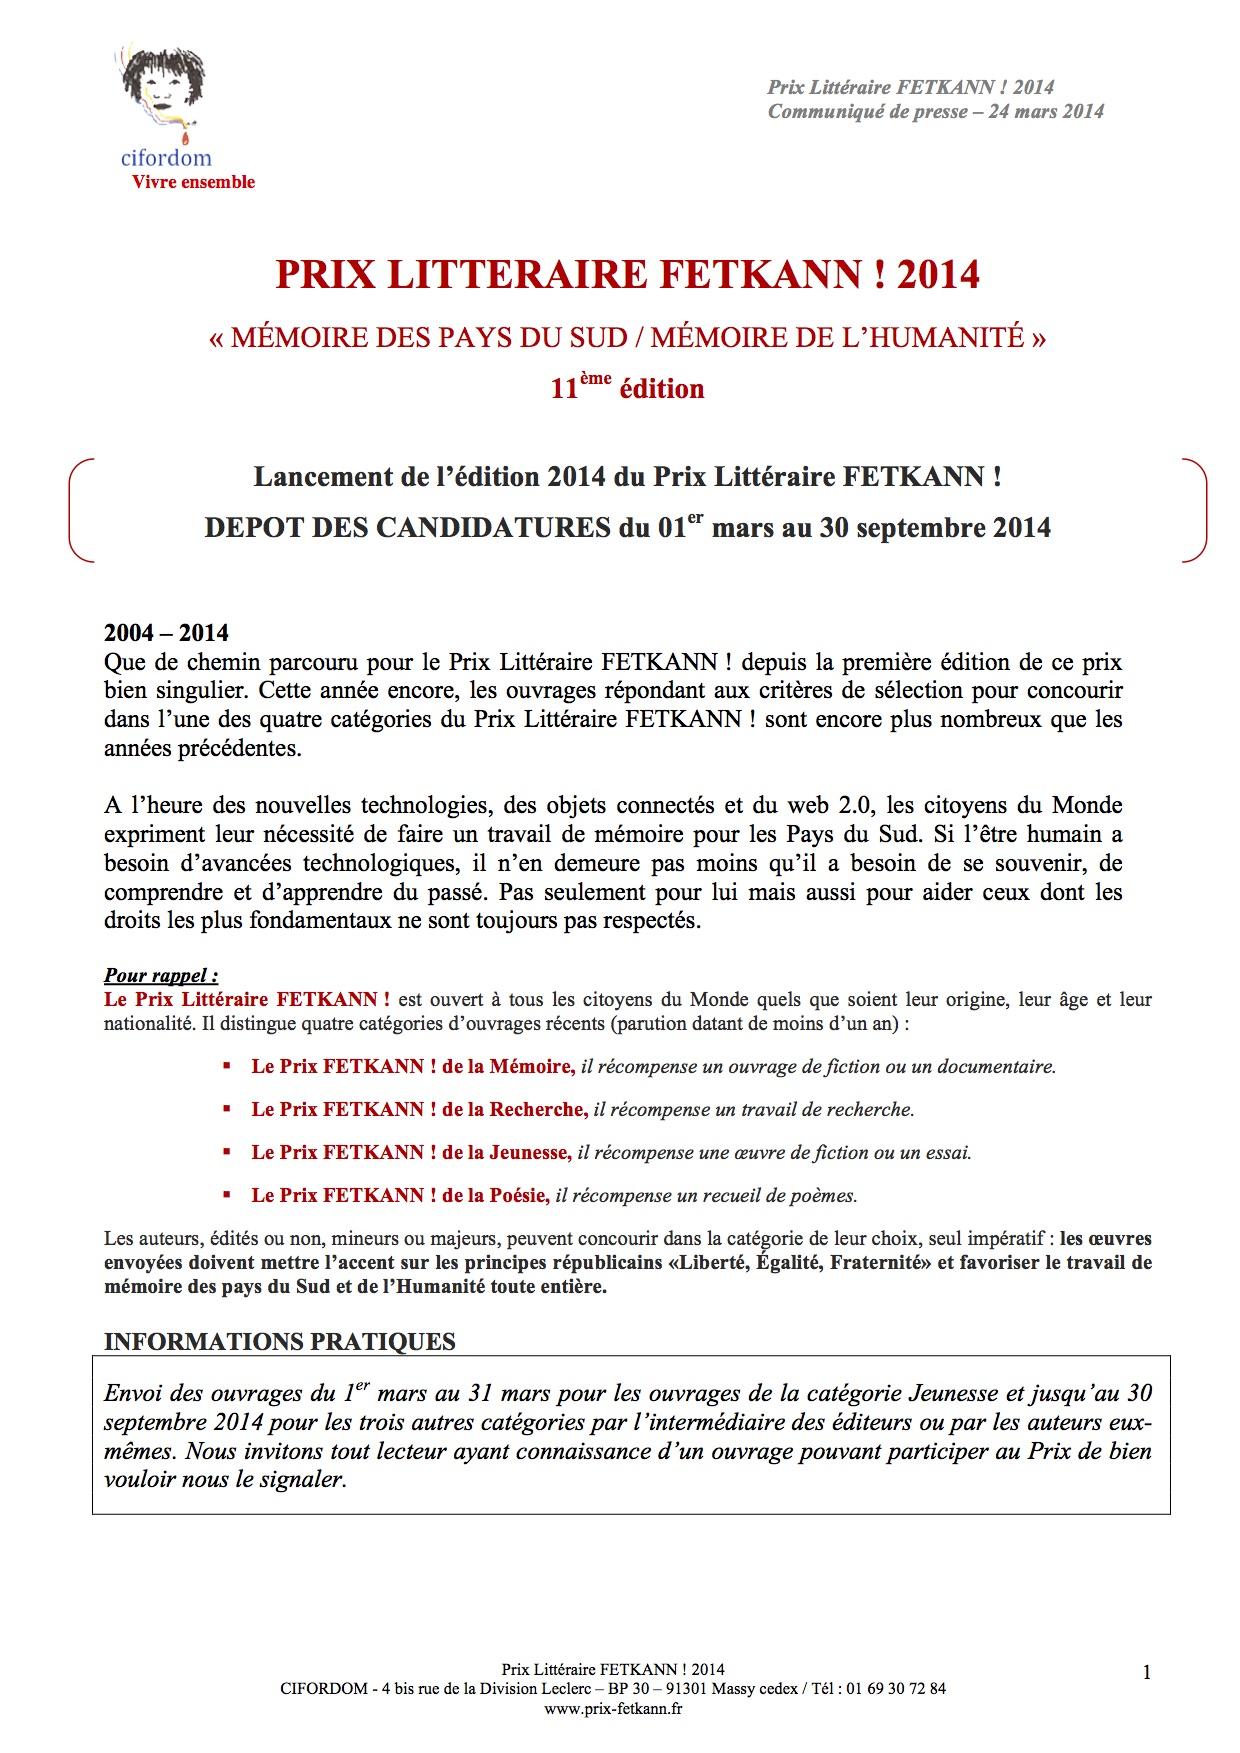 Lancement-de-l'édition-2014-du-Prix-Littéraire-FETKANN-DEPOT-DES-CANDIDATURES-du-01er-mars-au-30-septembre-2014-1